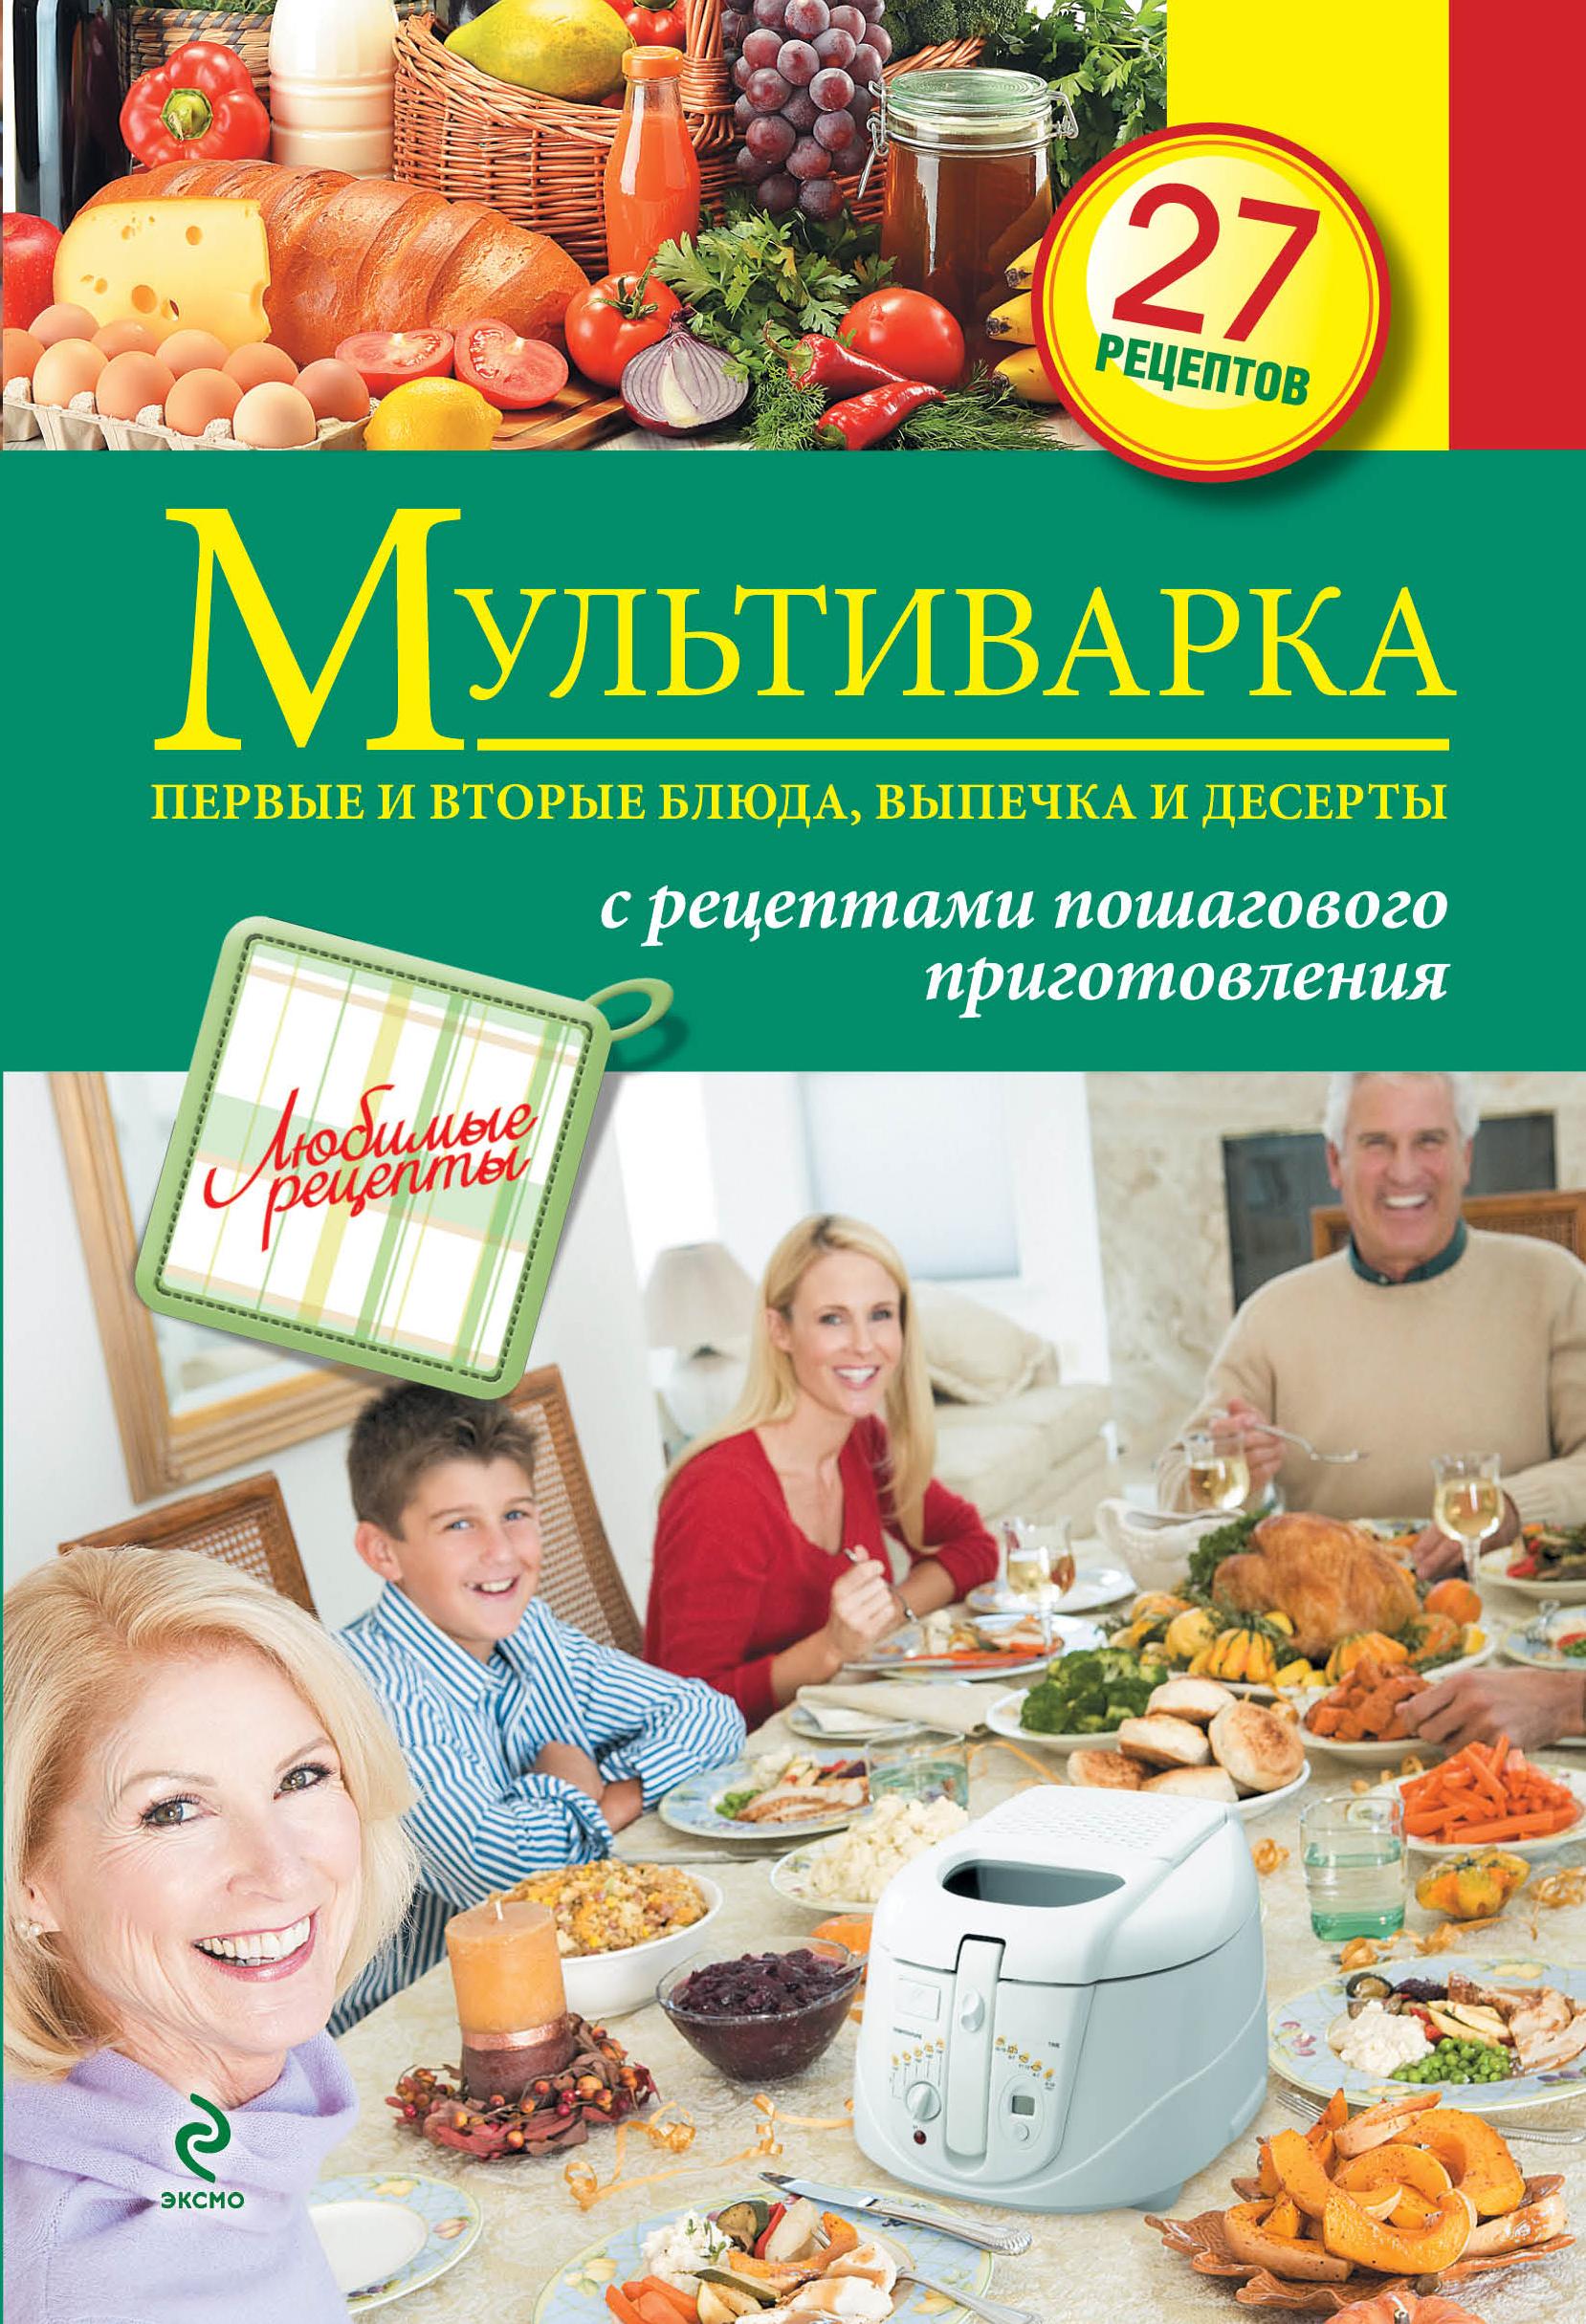 Рецепты для мультиварки вторые блюда